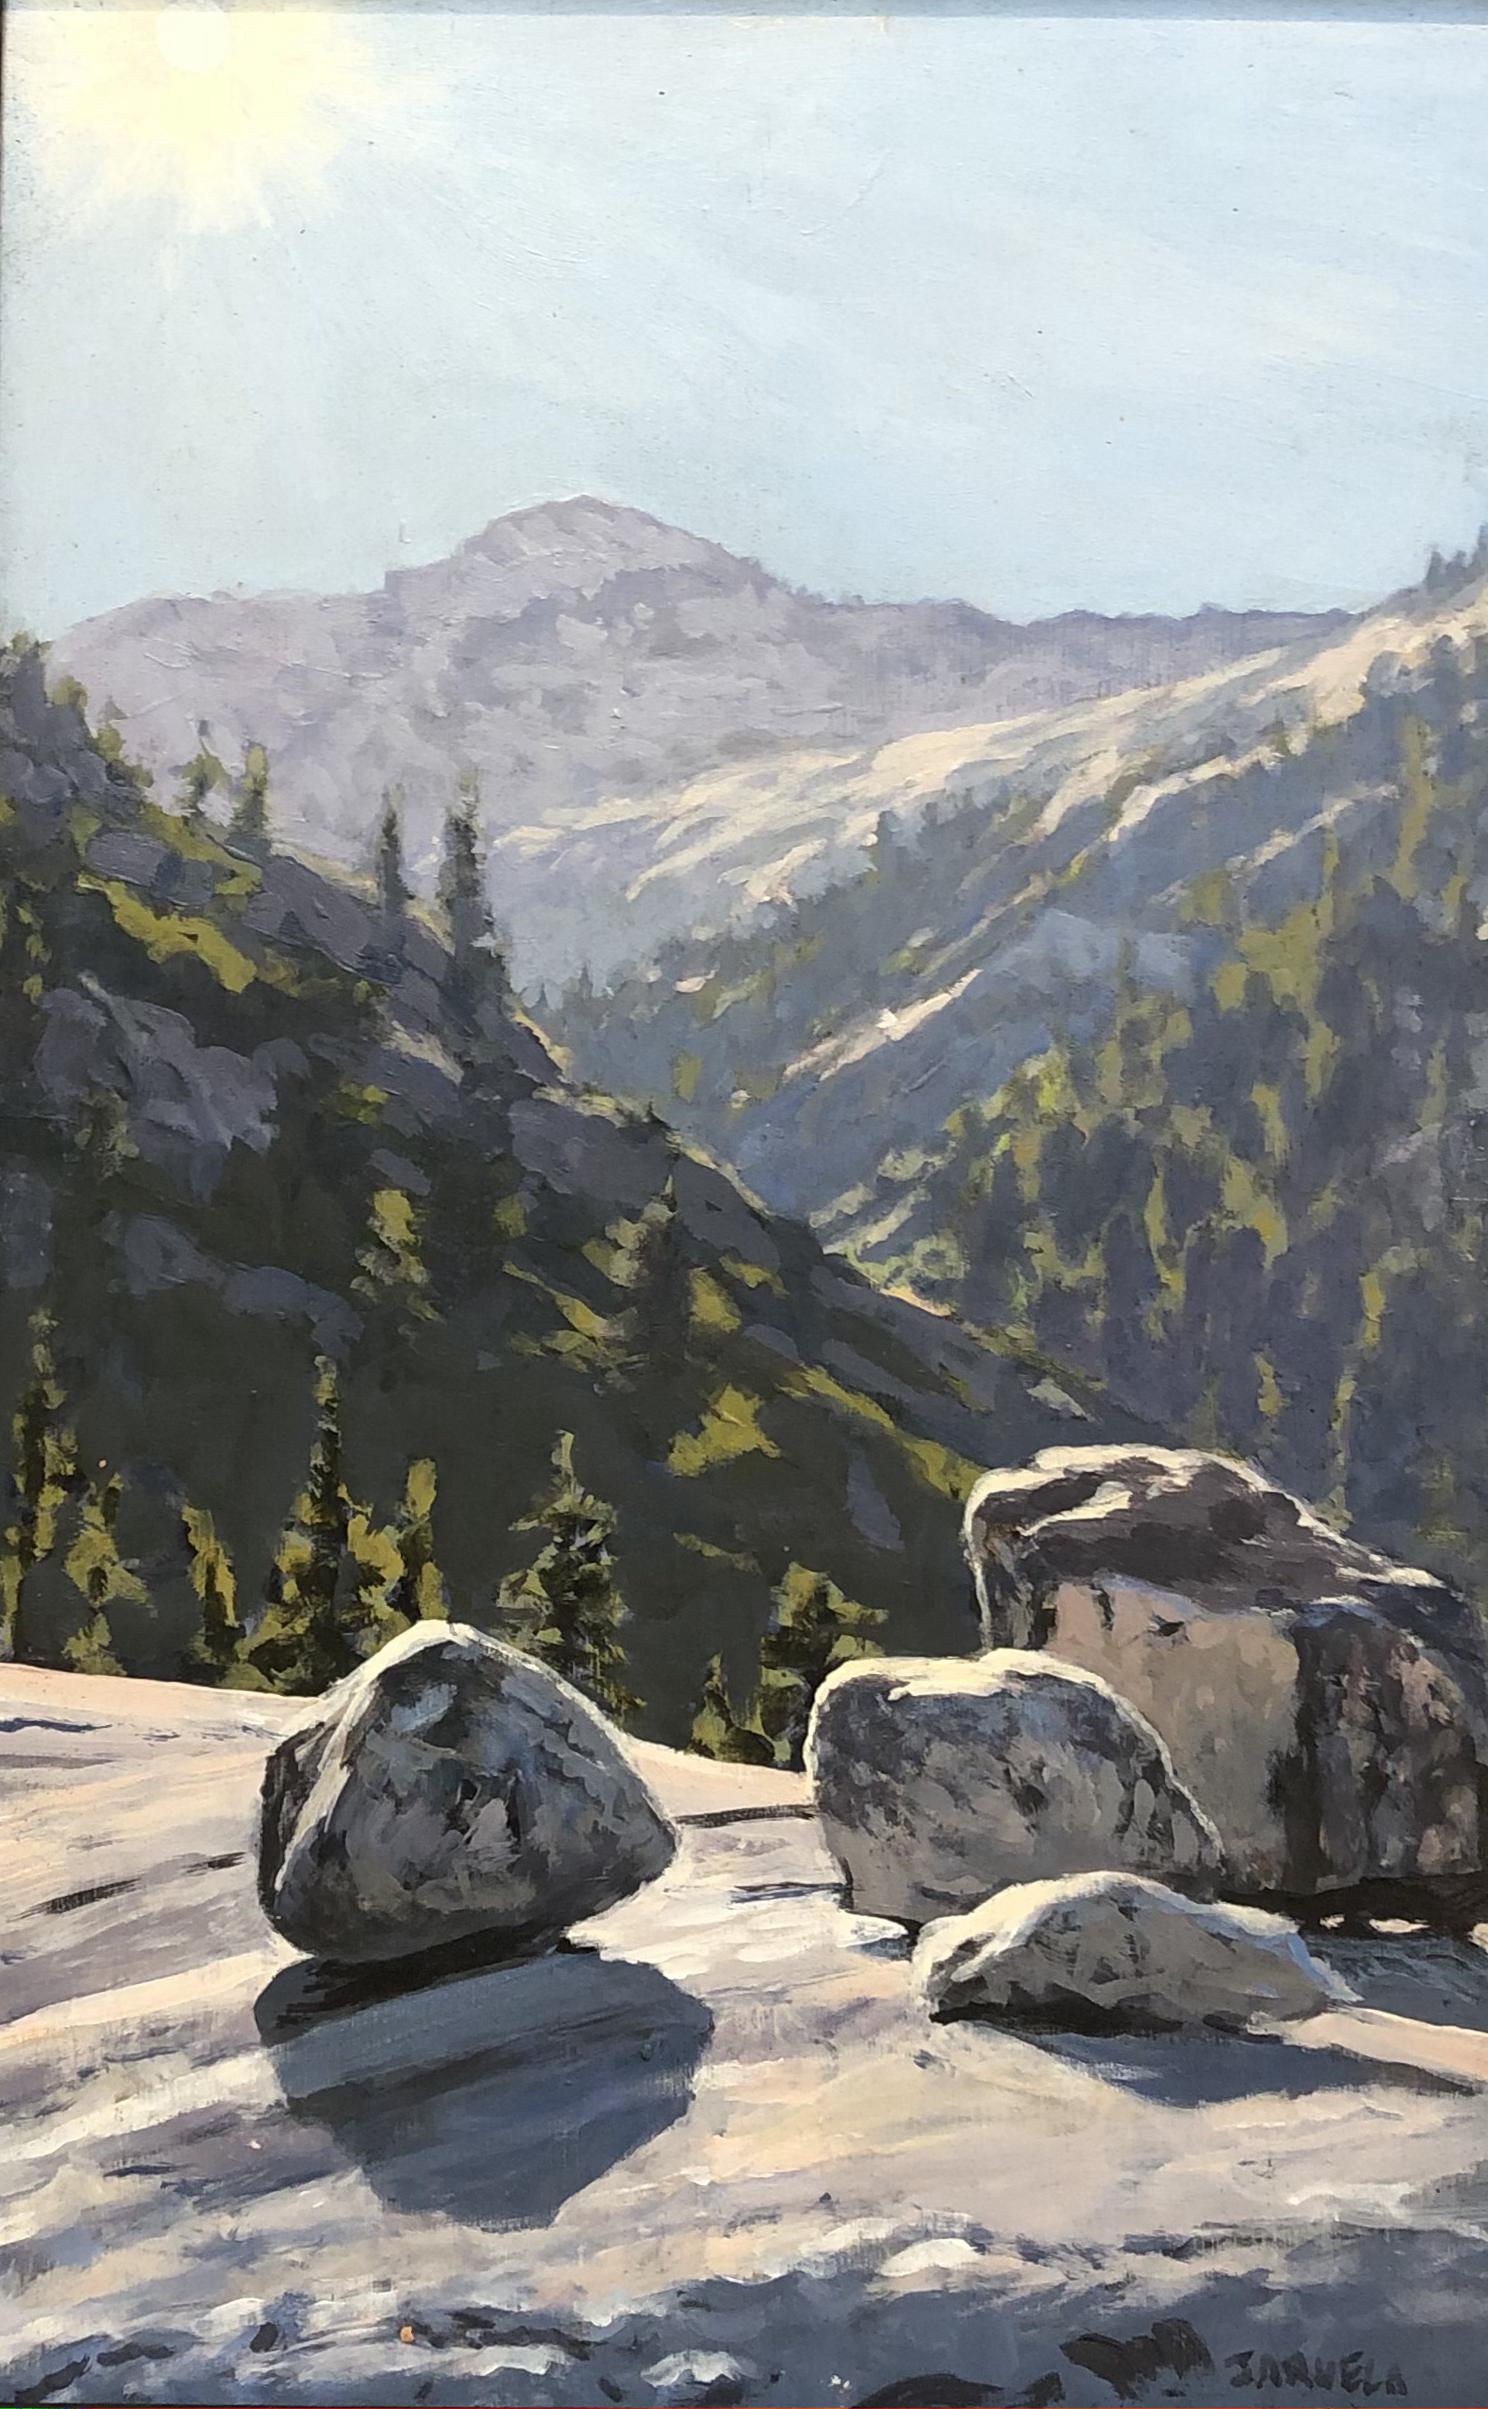 Jarvela-Morning Boulders, 19 1:2 x 13%22